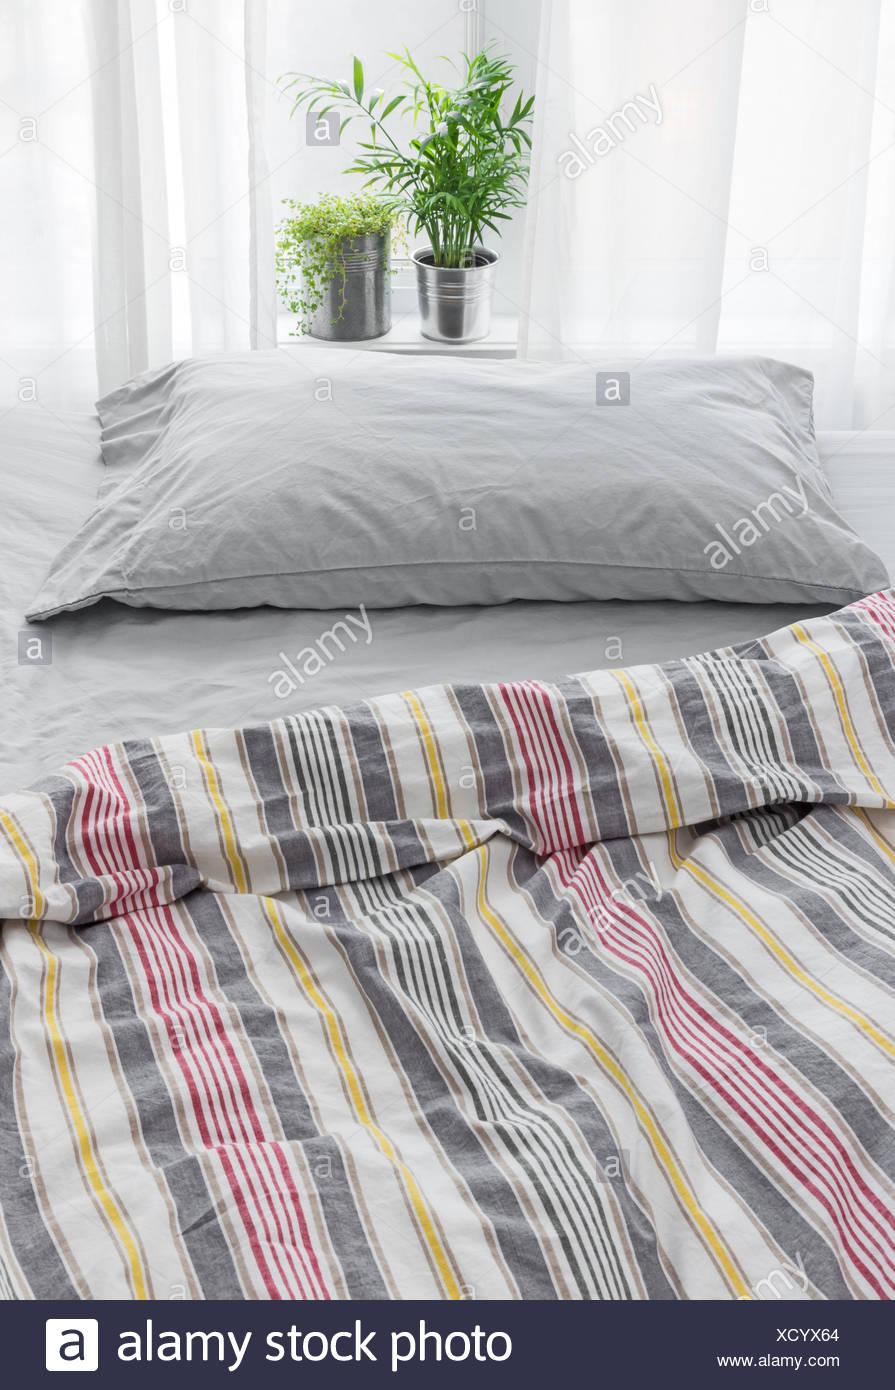 Grune Pflanzen Dekoration Ein Schlafzimmer Stockfoto Bild